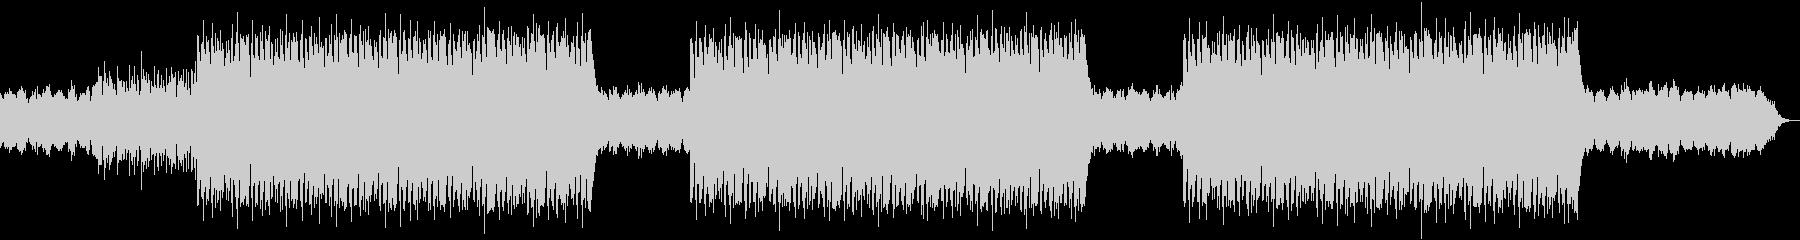 エモ系ギターヒップホップBGMの未再生の波形